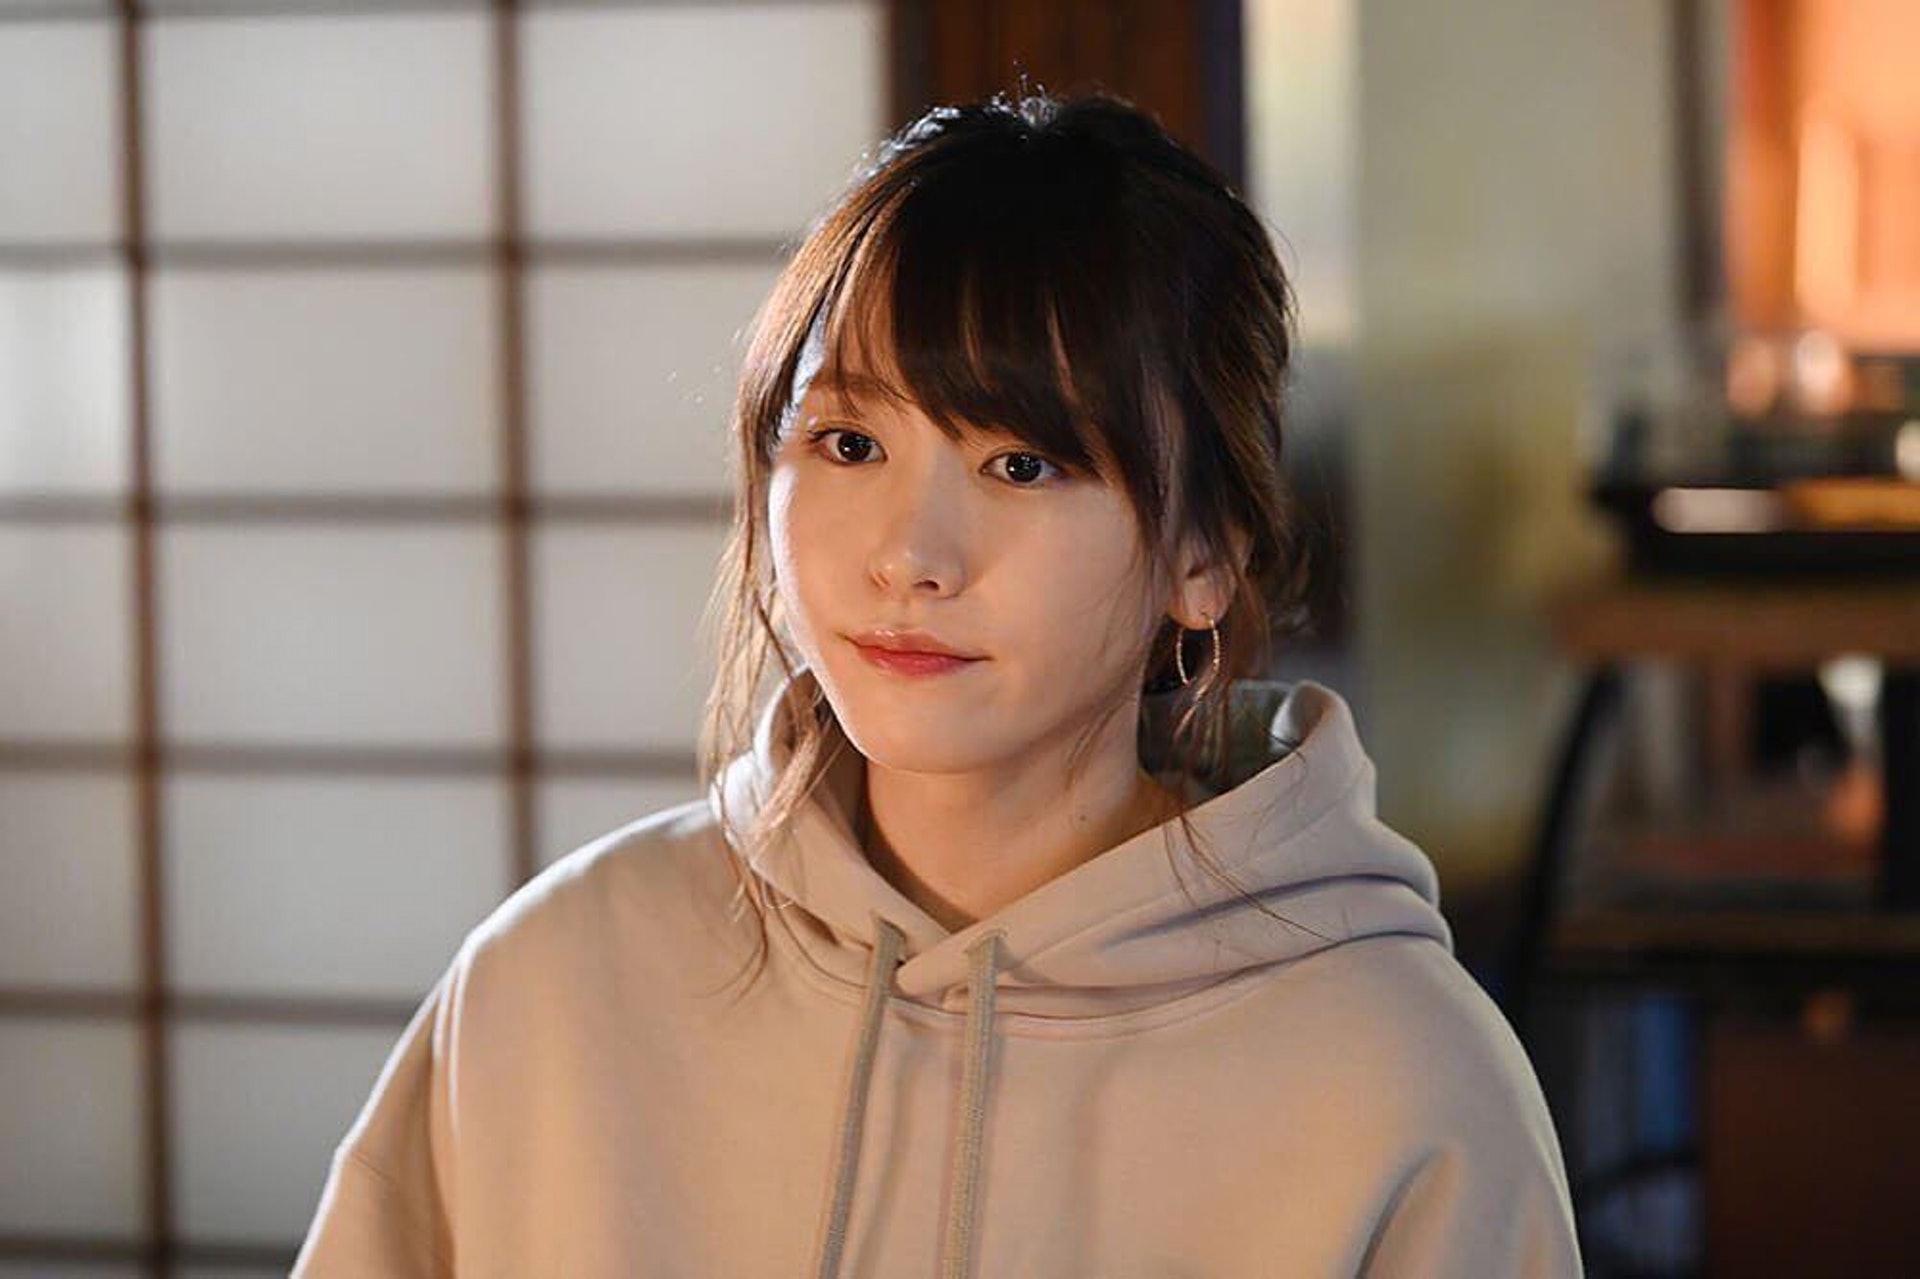 31歲 國民老婆 新垣結衣再次崩壞網友慘叫 老咗10年 香港01 即時娛樂